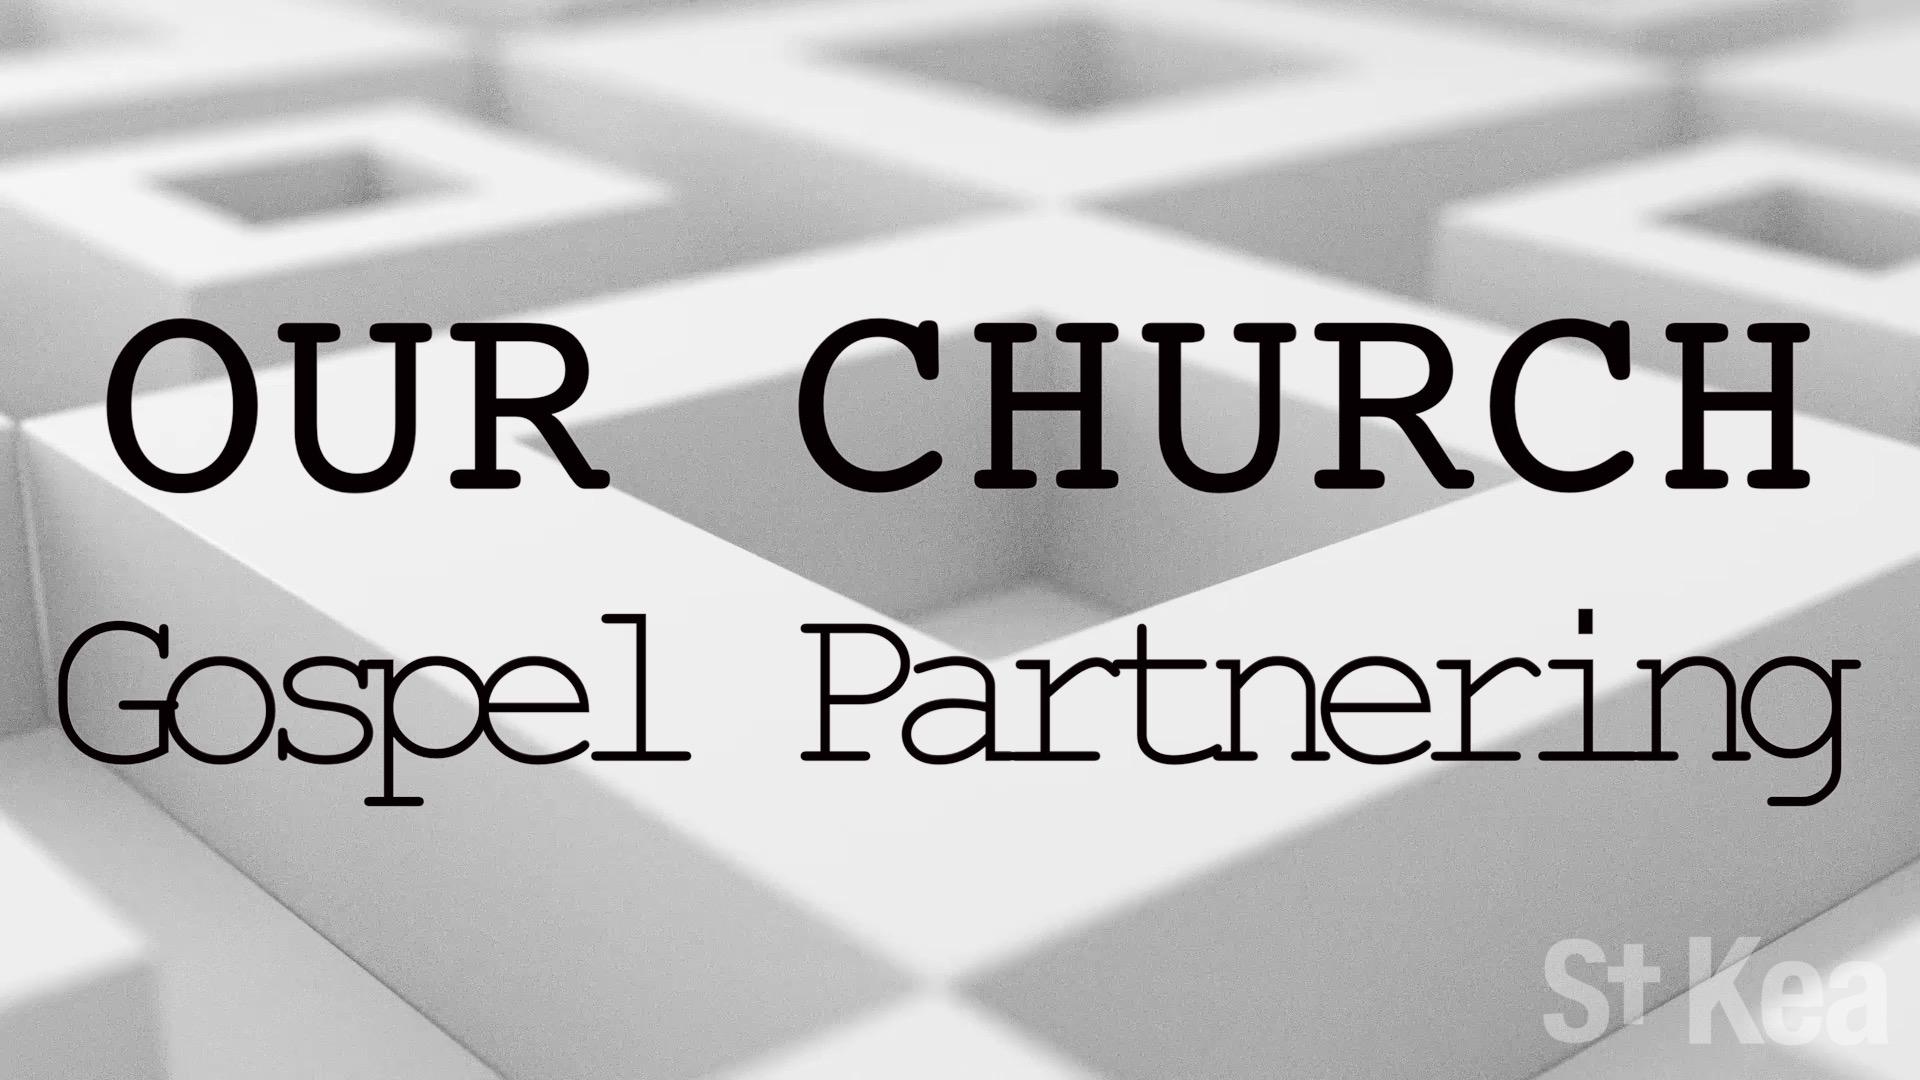 Gospel Partnering.jpg